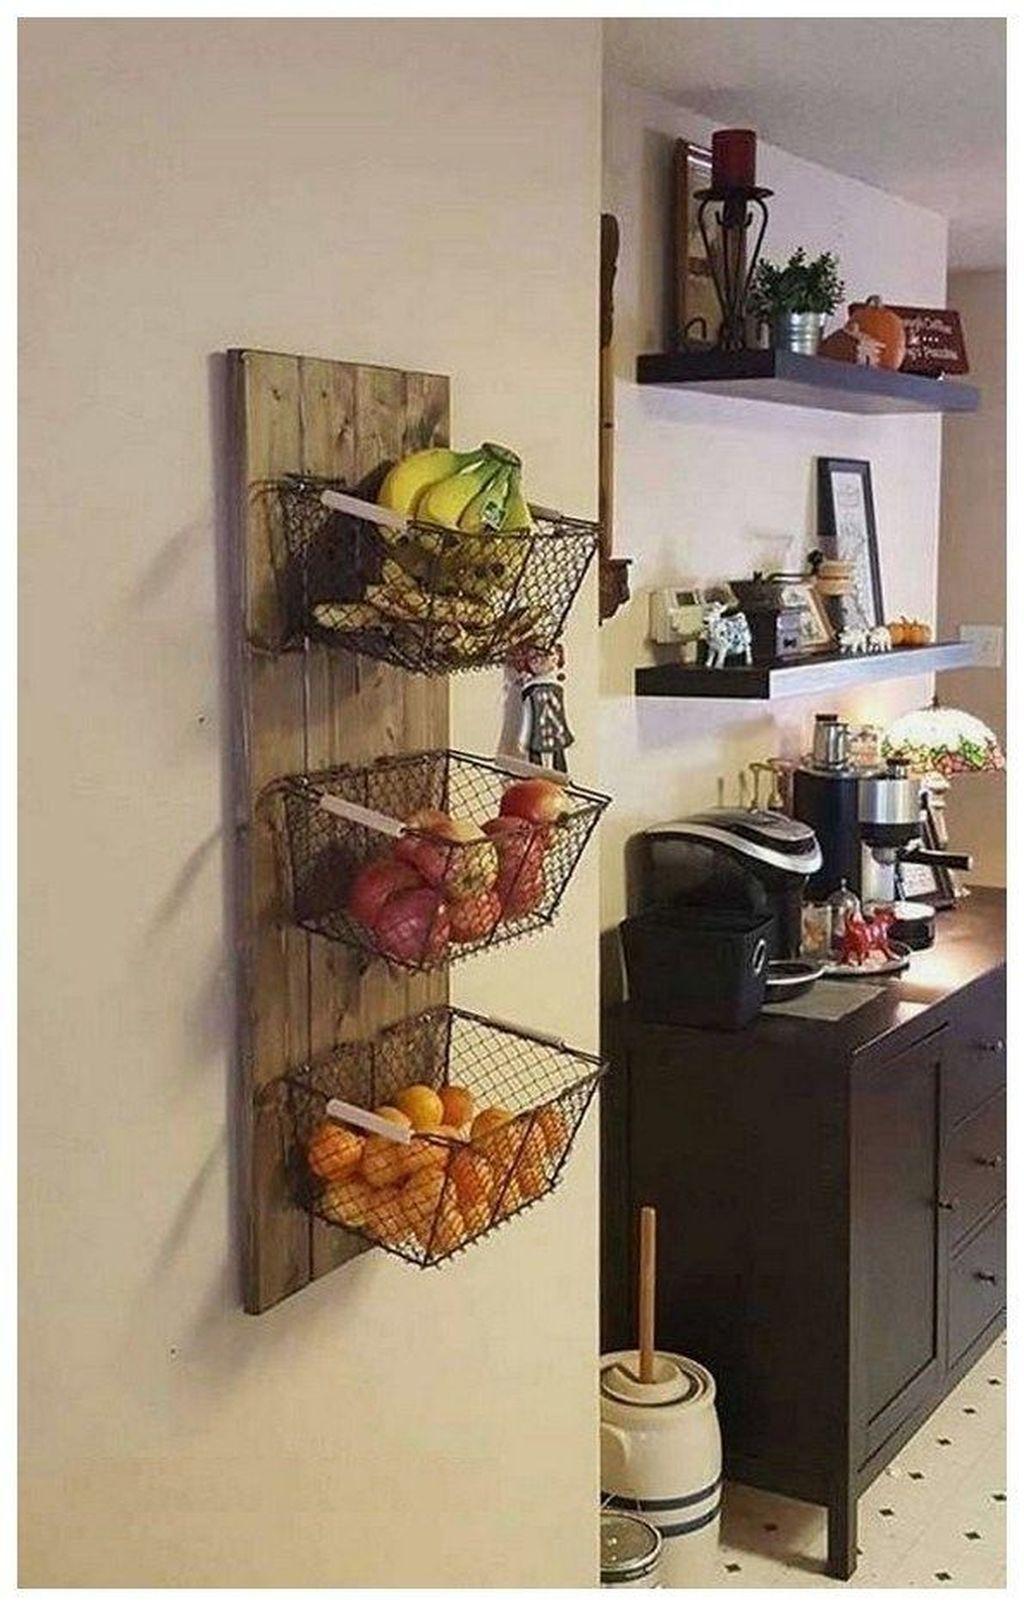 20+ Creative Diy Home Decor Ideas For You - Coodecor Decorative - Diy Home Decor